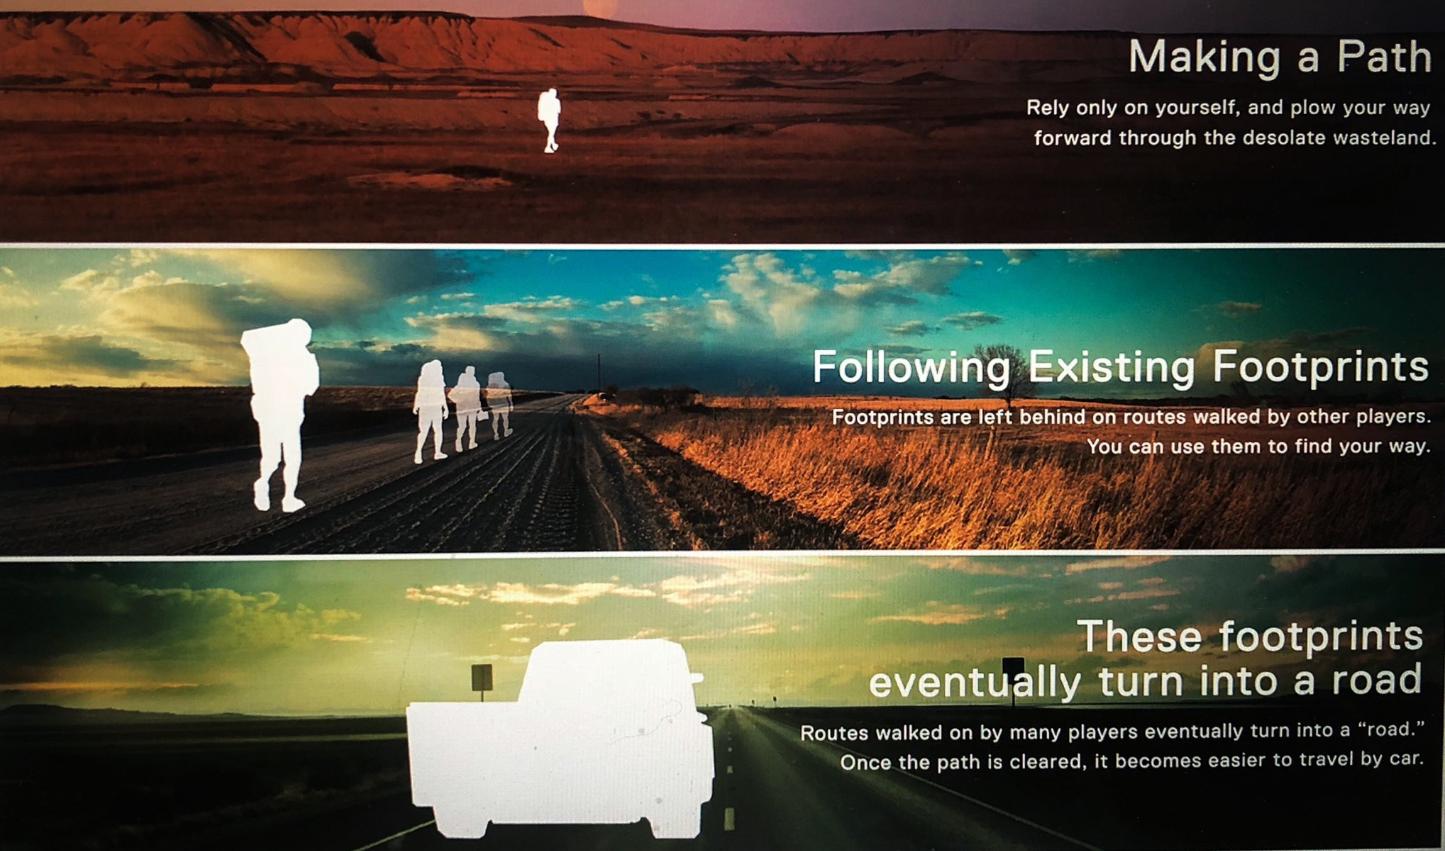 Хидео Кодзима показал слайды из ранней презентации Death Stranding